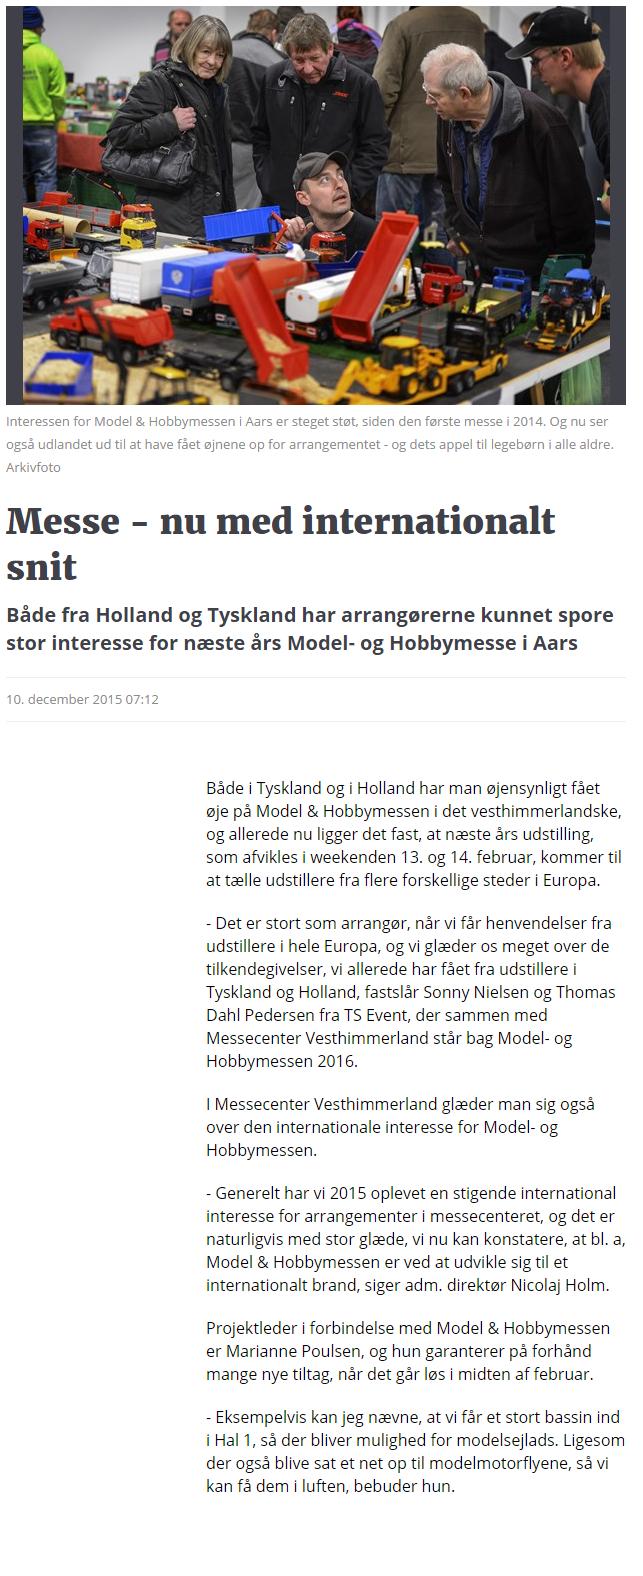 Messe - nu med internationalt snit   Nordjyske.dk